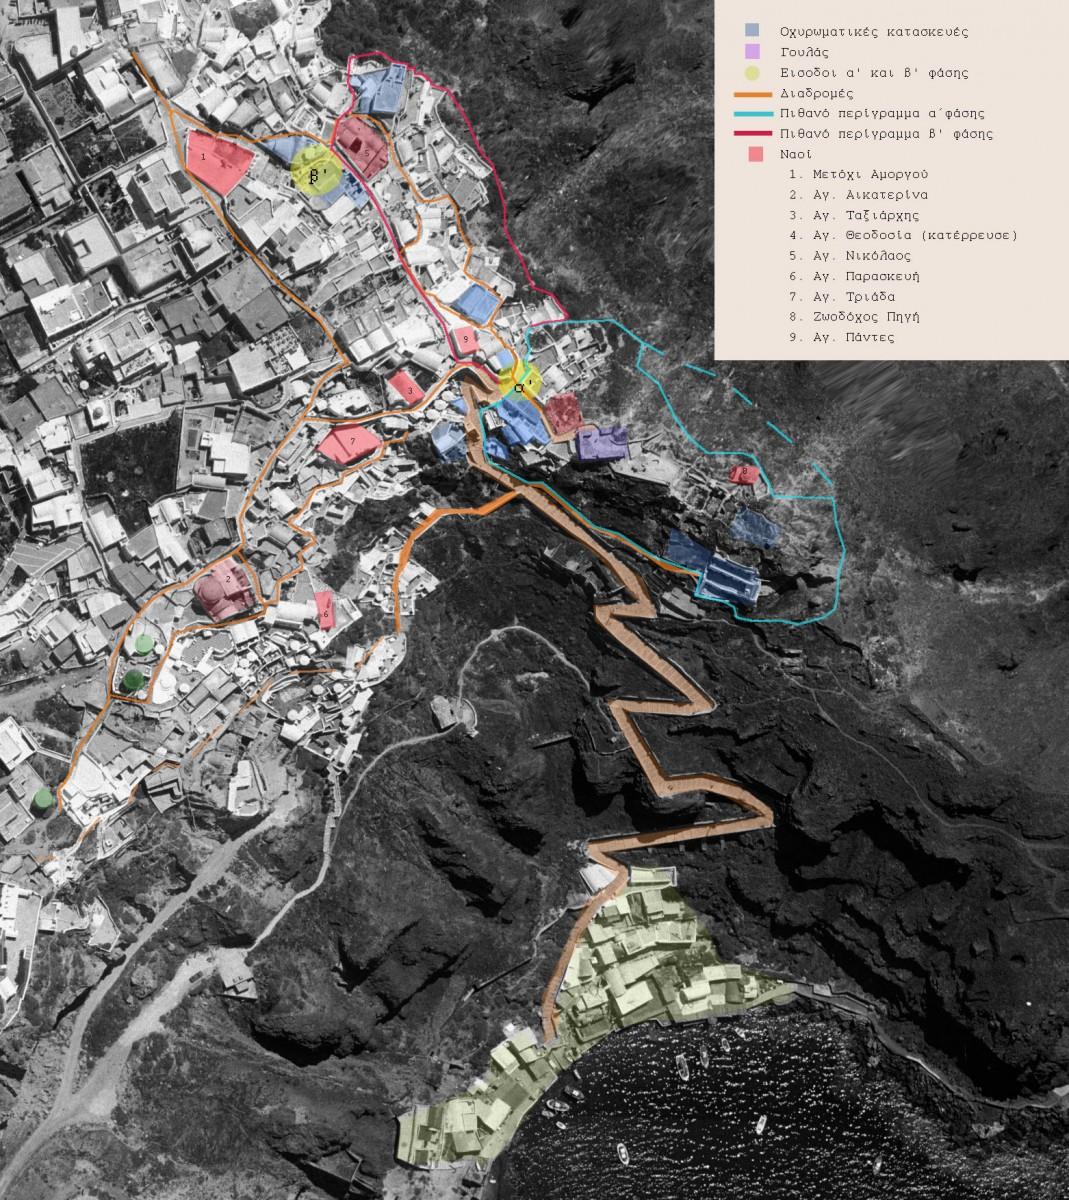 Εικ. 8. Επεξεργασία σε ανηγμένο ορθοφωτοχάρτη της Οίας, 2004. Με μπλε σημειώνονται οι οχυρωματικές κατασκευές, με μωβ ο γουλάς, με κόκκινο οι ναοί. Οι διαδρομές είναι πορτοκαλί. Η πρώτη φάση του οικισμού περιγράφεται με γαλάζιο. Πηγή: πρώην Κοινότητα Οίας.